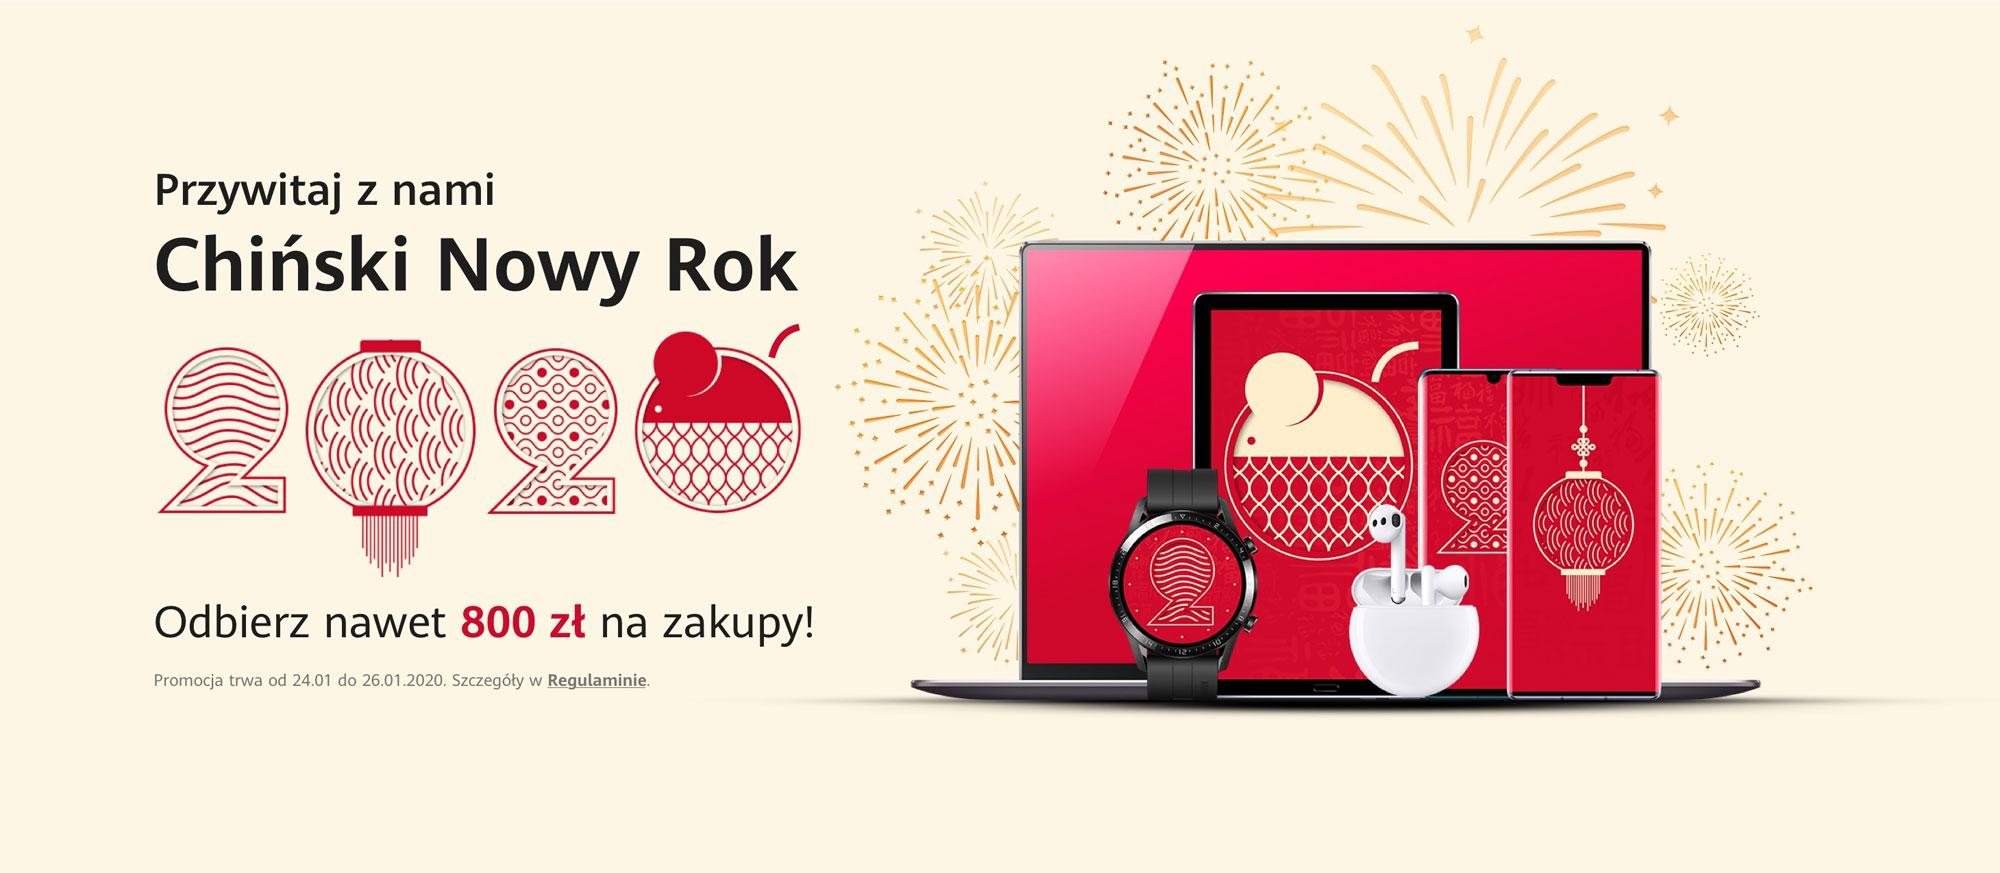 Promocje z okazji Chińskiego Nowego Roku na huawei.pl